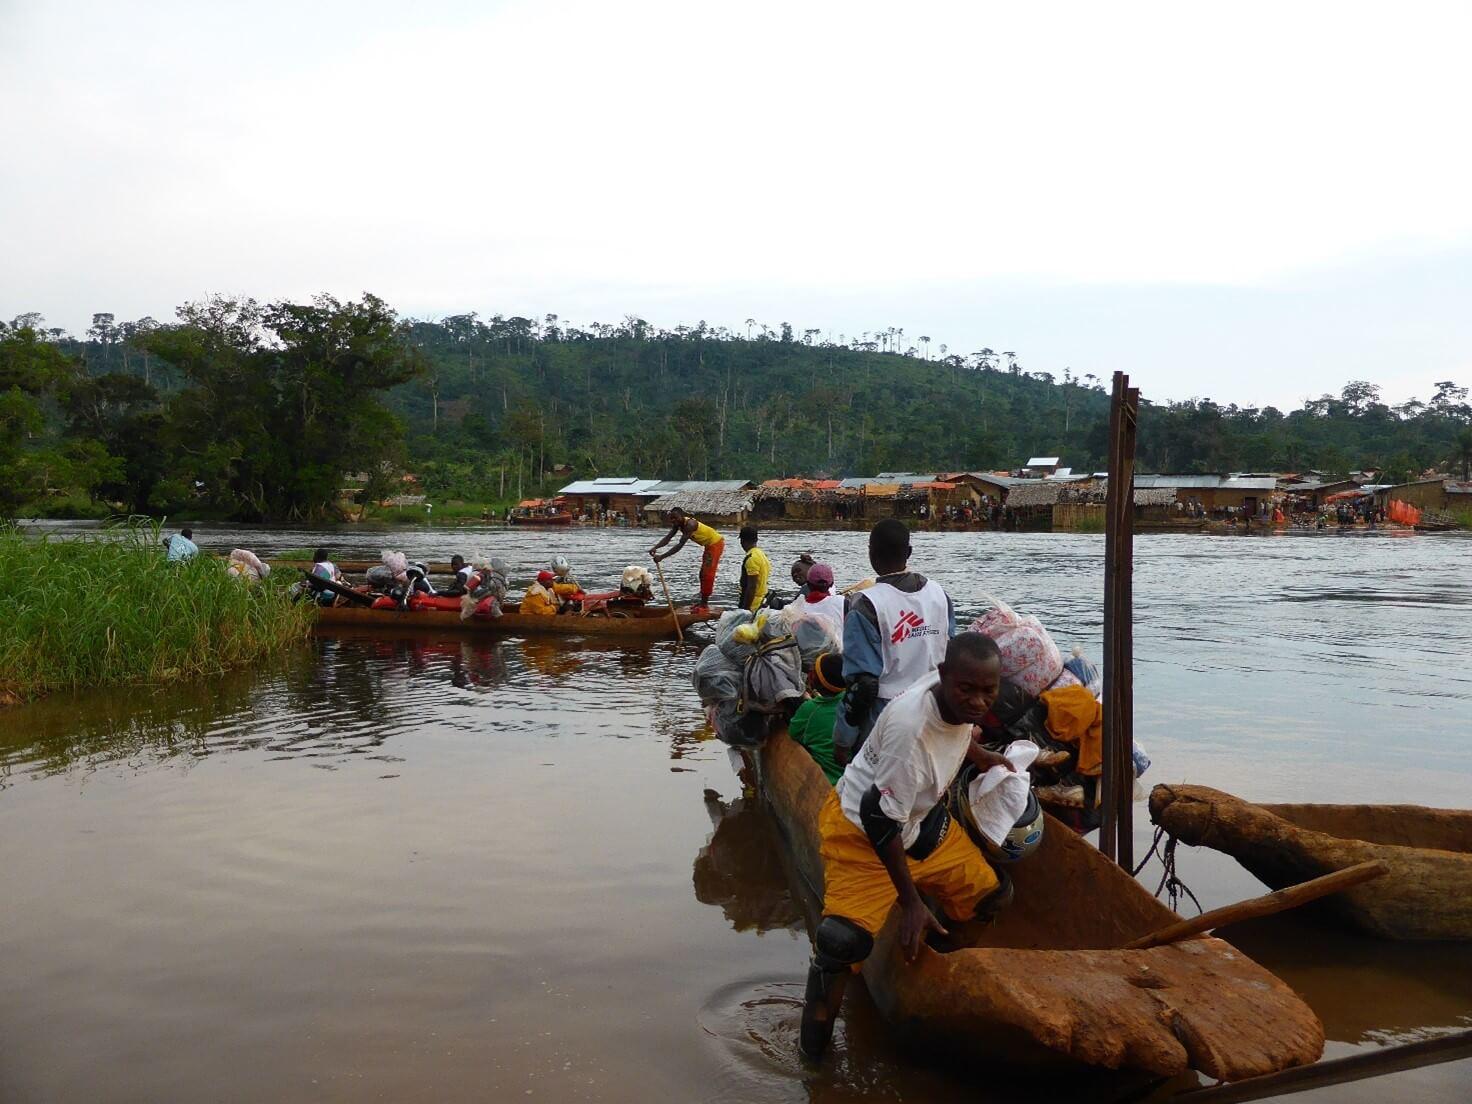 Ultimo ostacolo prima dell'arrivo a Bole Bole. Attraversamento del fiume con moto e materiale